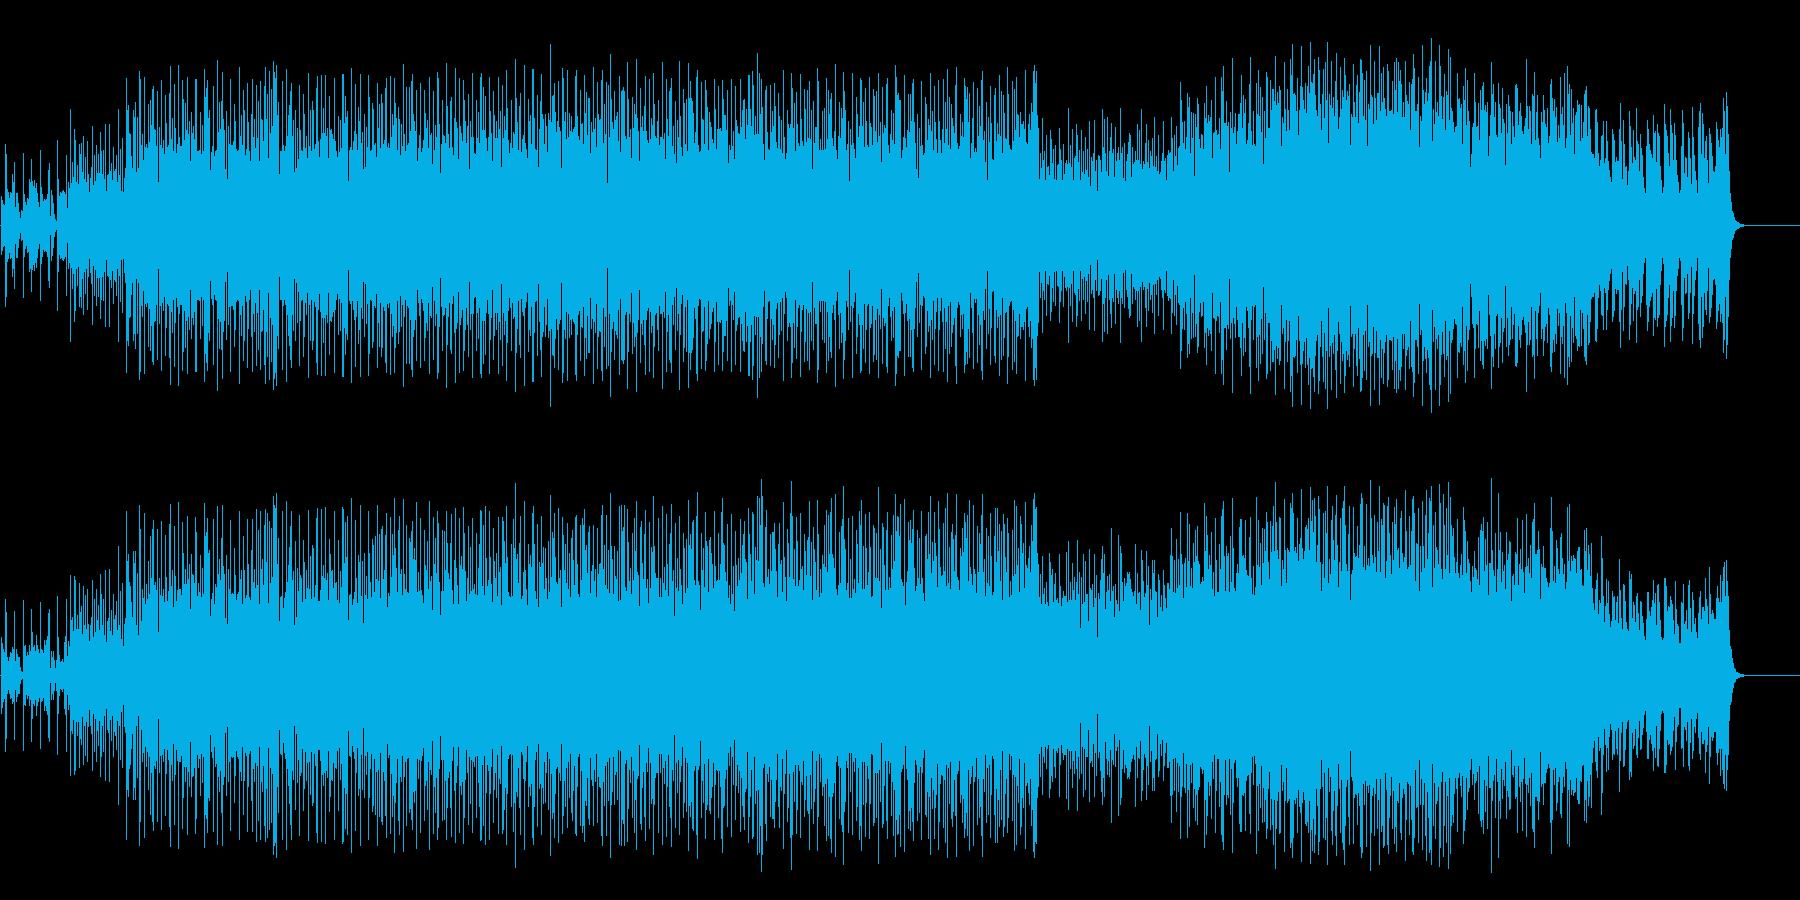 無機質なクラブ系マイナー・ハウス/テクノの再生済みの波形